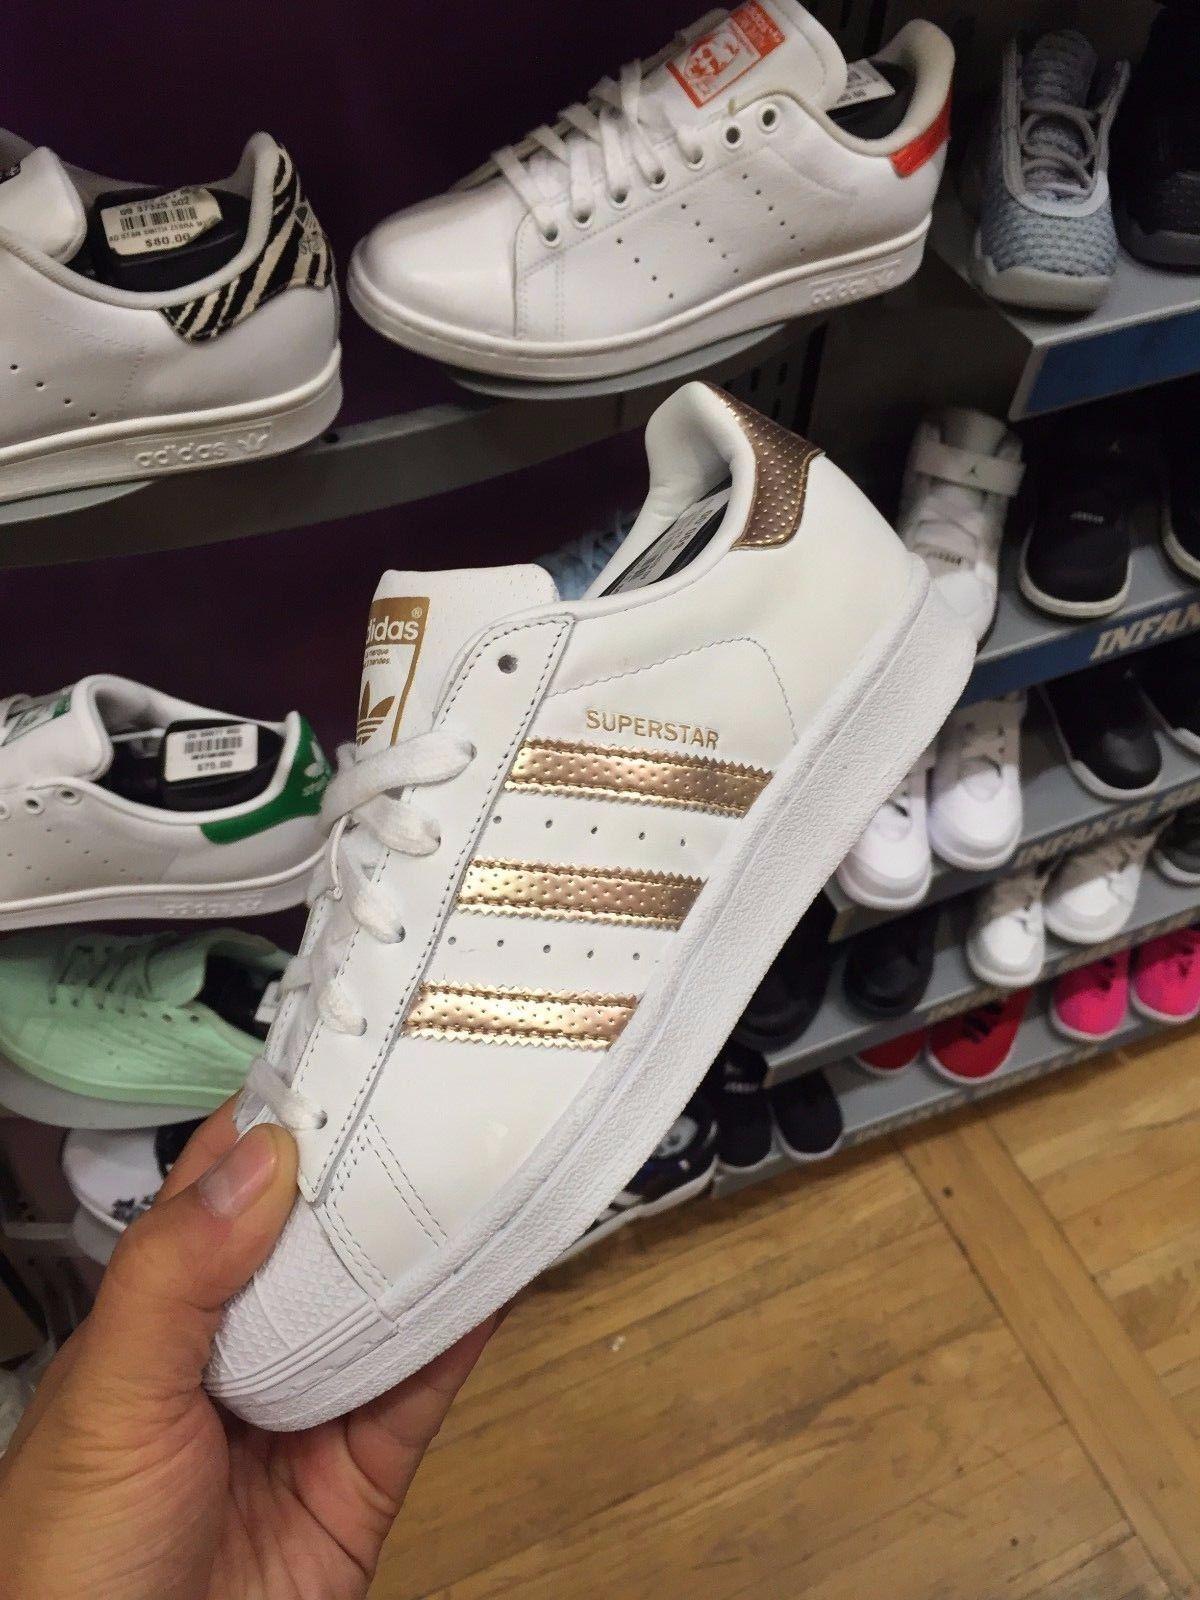 whisky Horizontal Eléctrico  Adidas Superstar White Copper Bb1428 Women Sizes | Zapatos, Zapato tenis,  Ropa